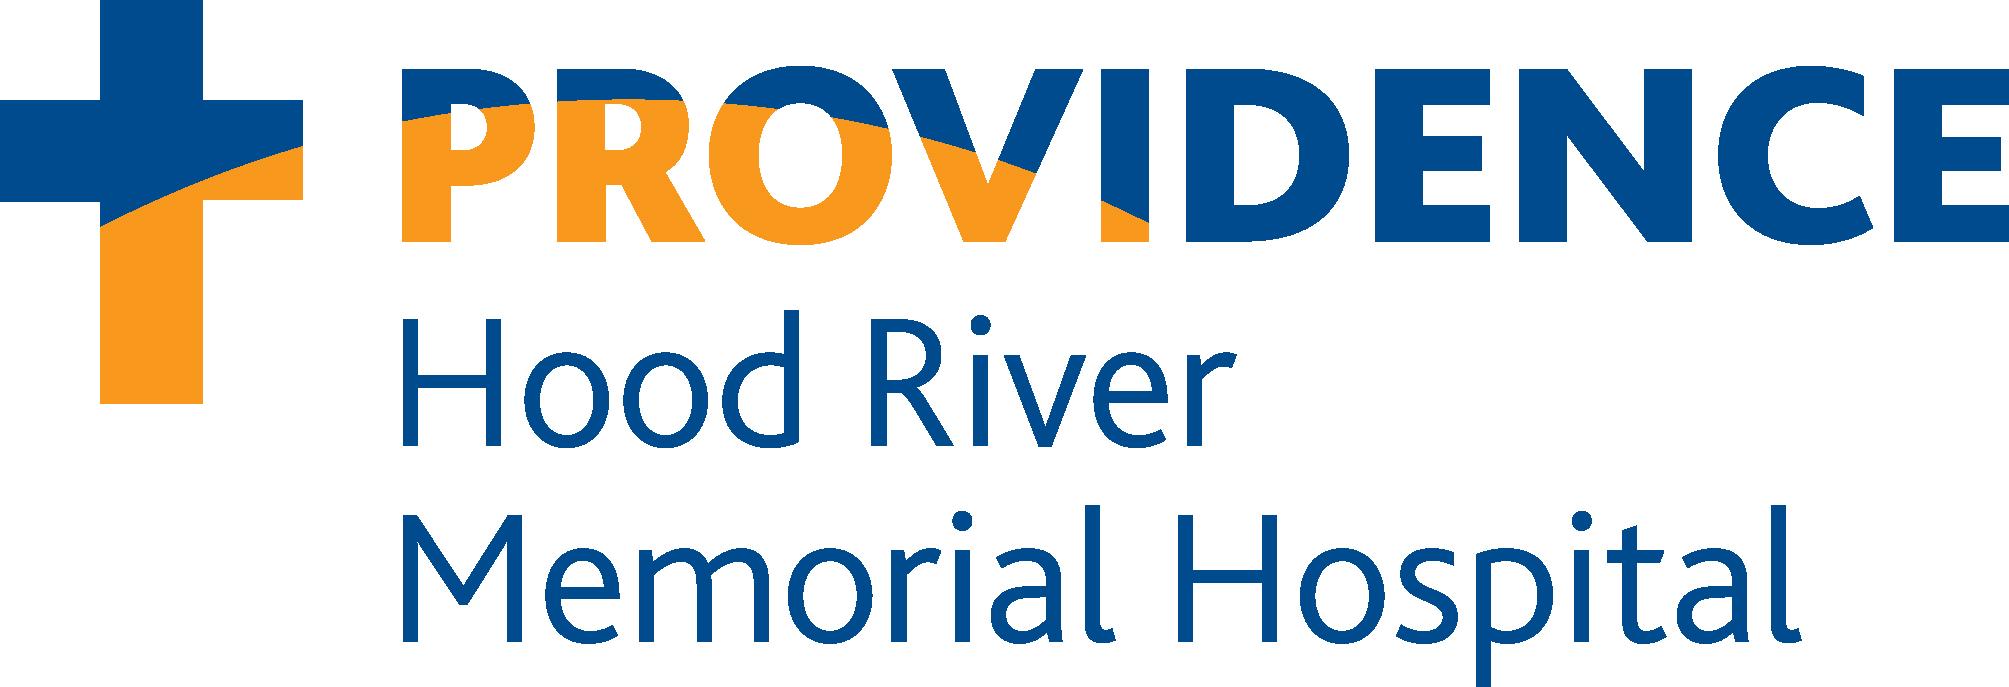 Providence-HoodRiverMemorialHospital_high-res.jpg